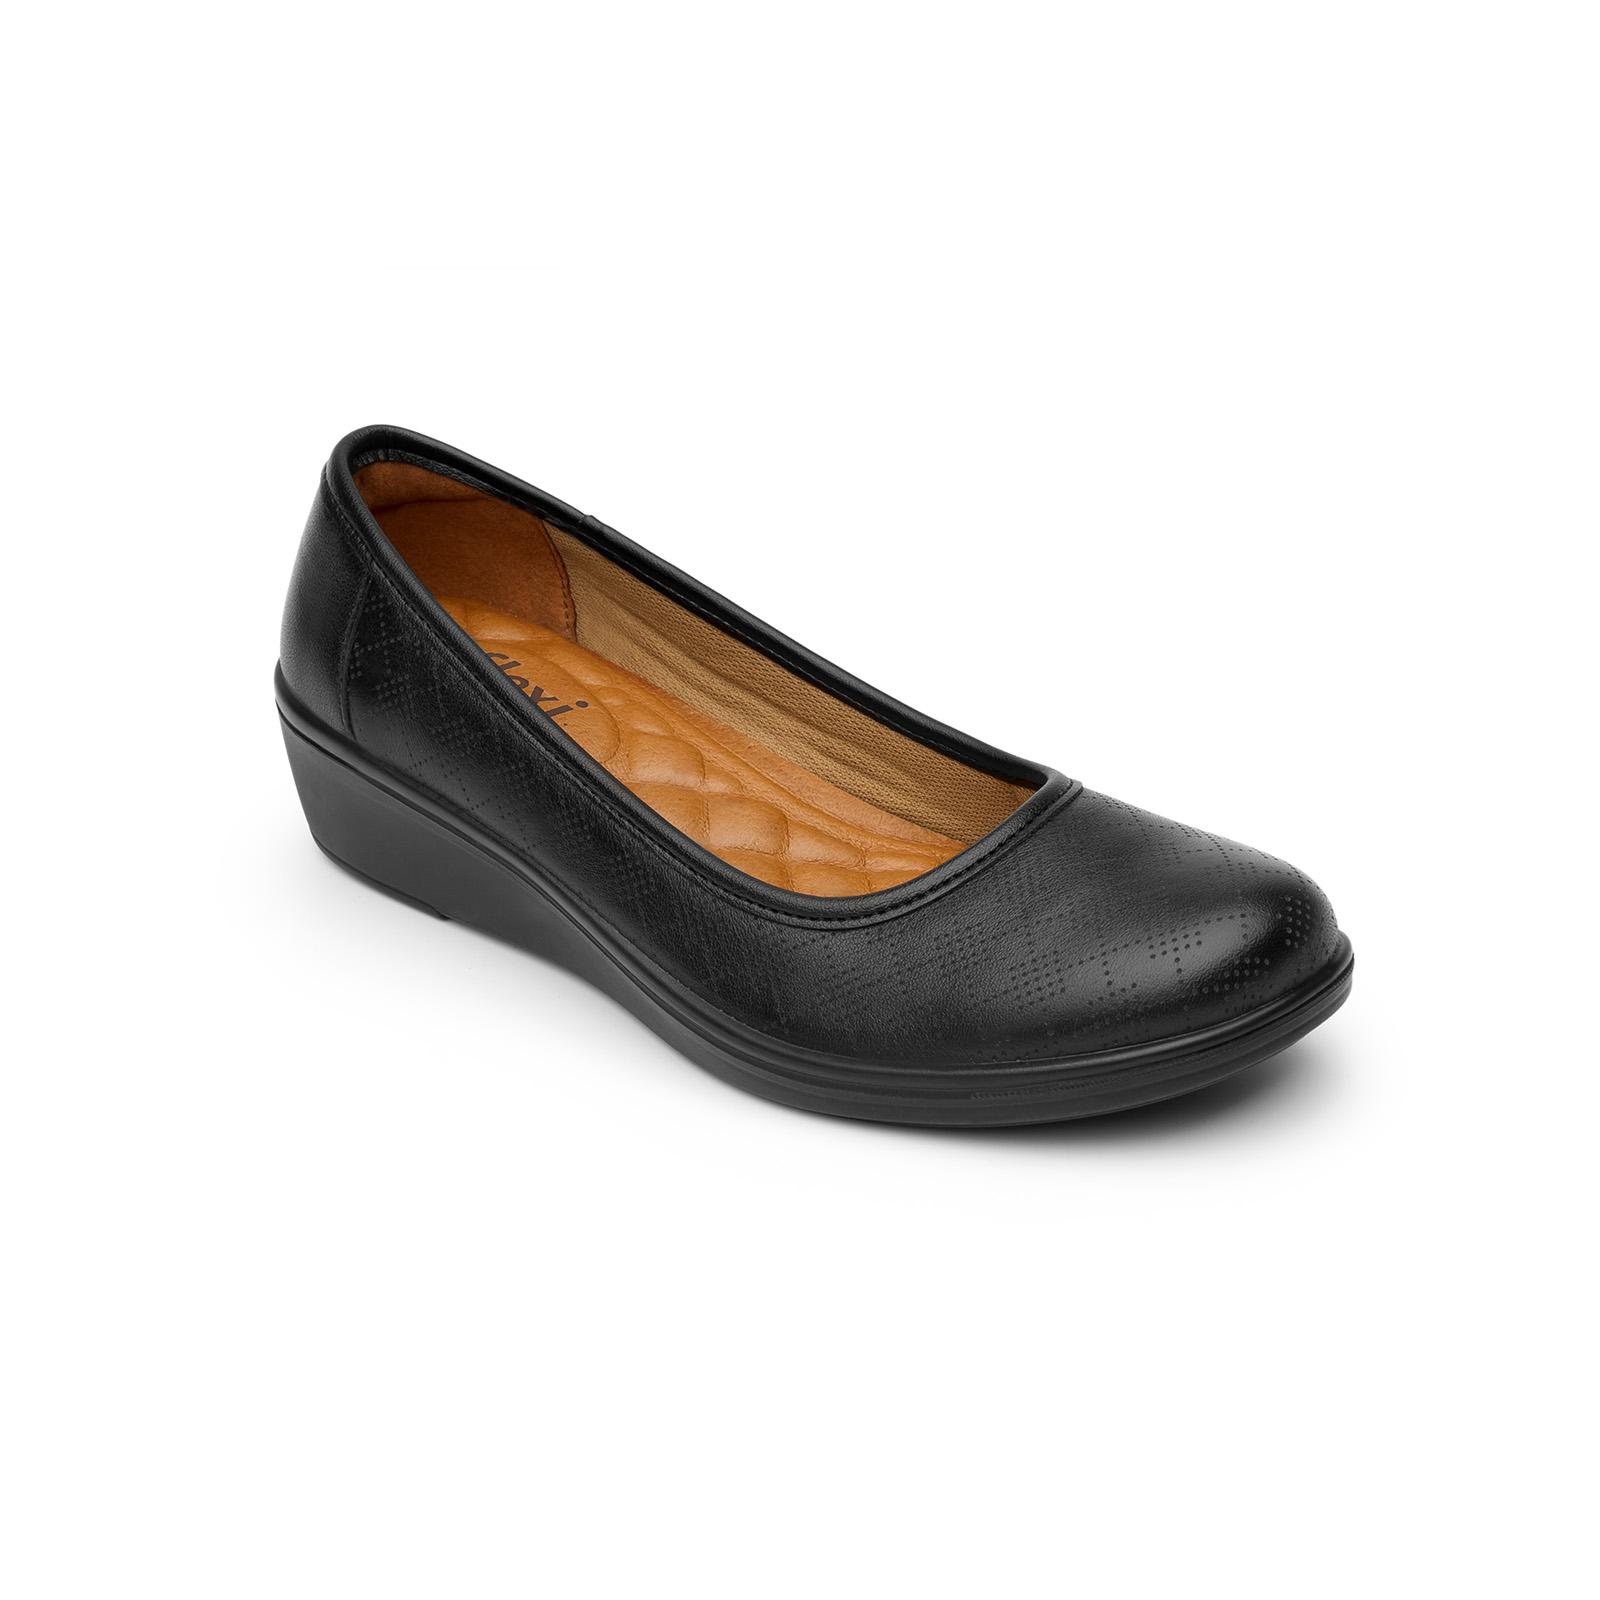 94284cc7 Zapatos de mujer Flexi ¡Los mejores diseños! - Zapatos Flexi México